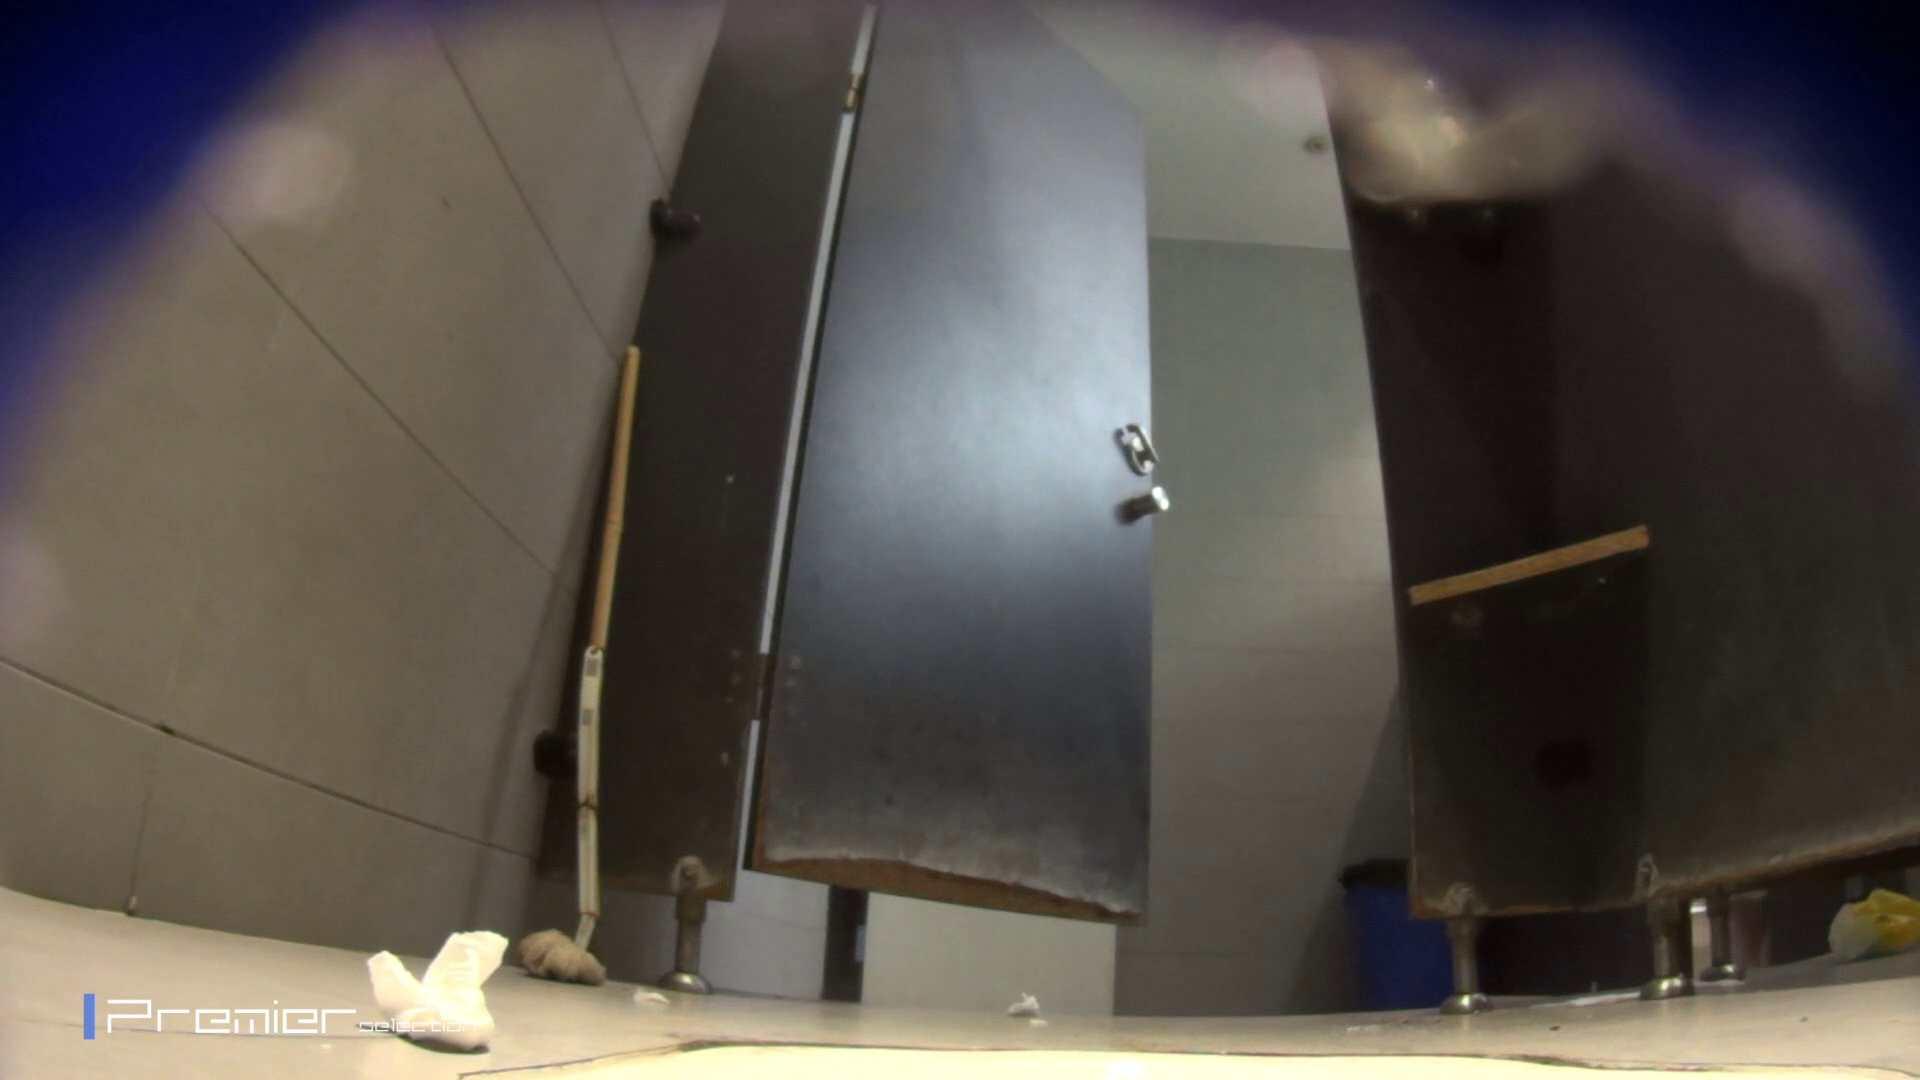 黒スパッツ美女 大学休憩時間の洗面所事情70 細身体型  79枚 54